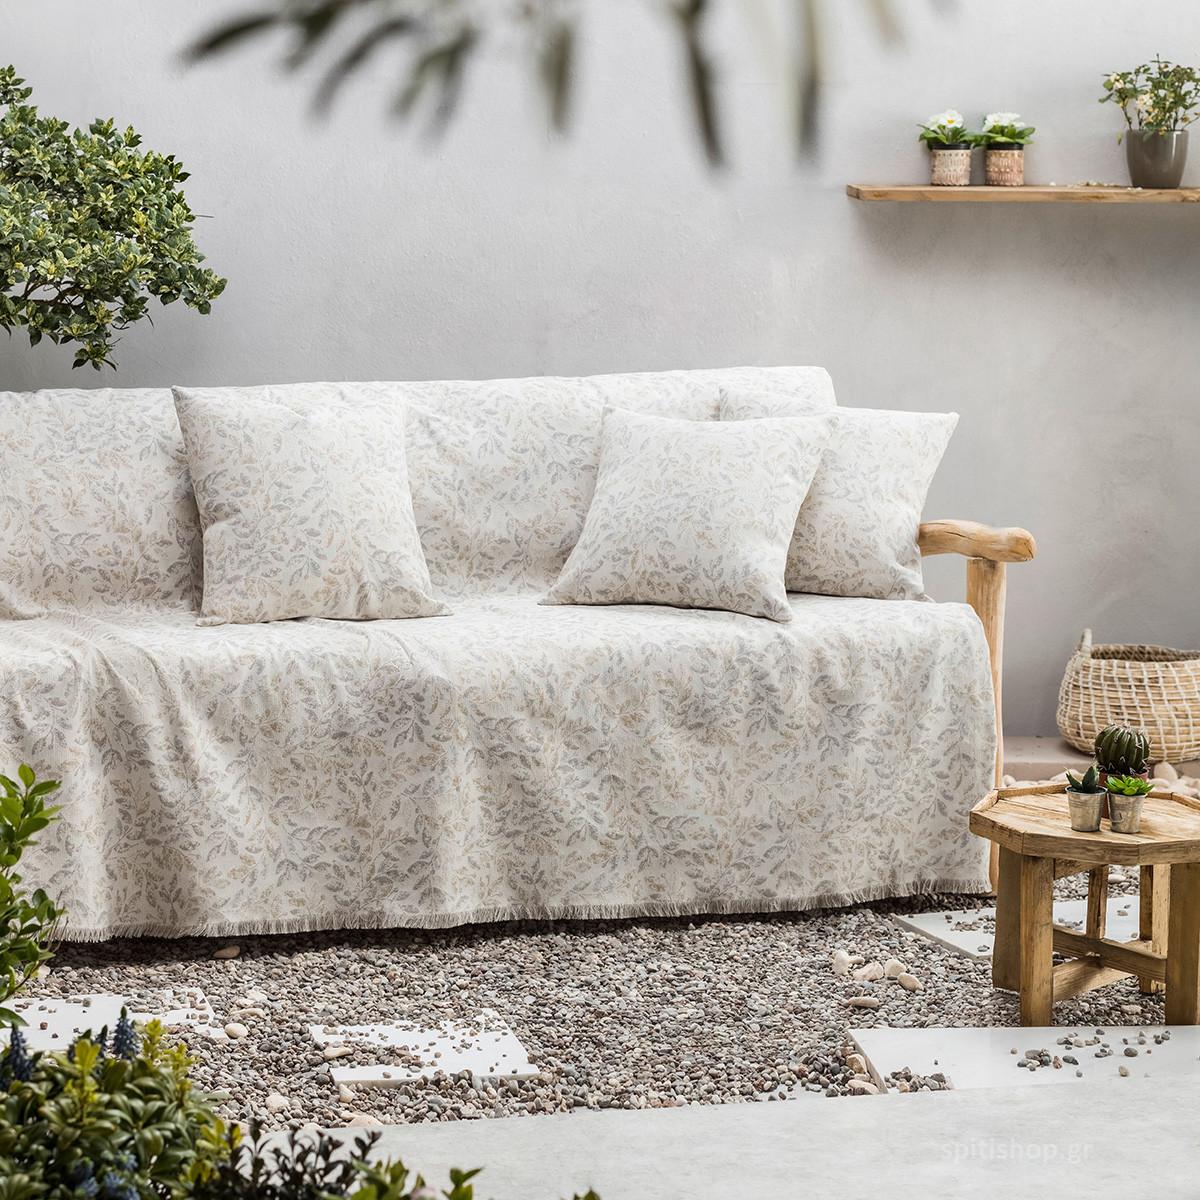 Ριχτάρι Πολυθρόνας (180×180) Gofis Home Delicate Grey 904/15